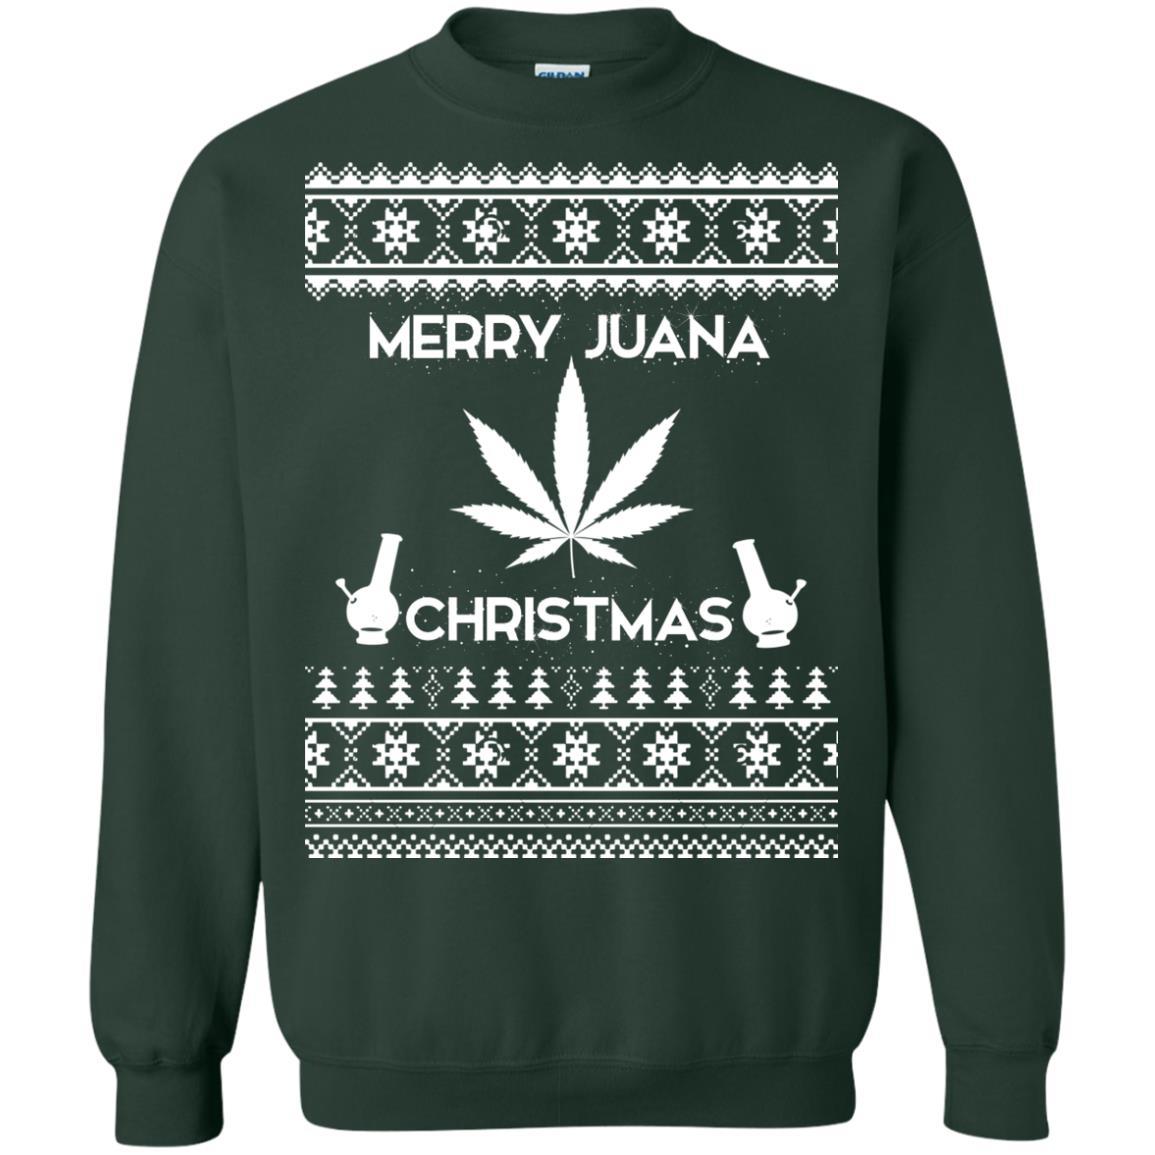 image 3893 - Merry Juana Weed Christmas Sweater, Ugly Sweatshirt